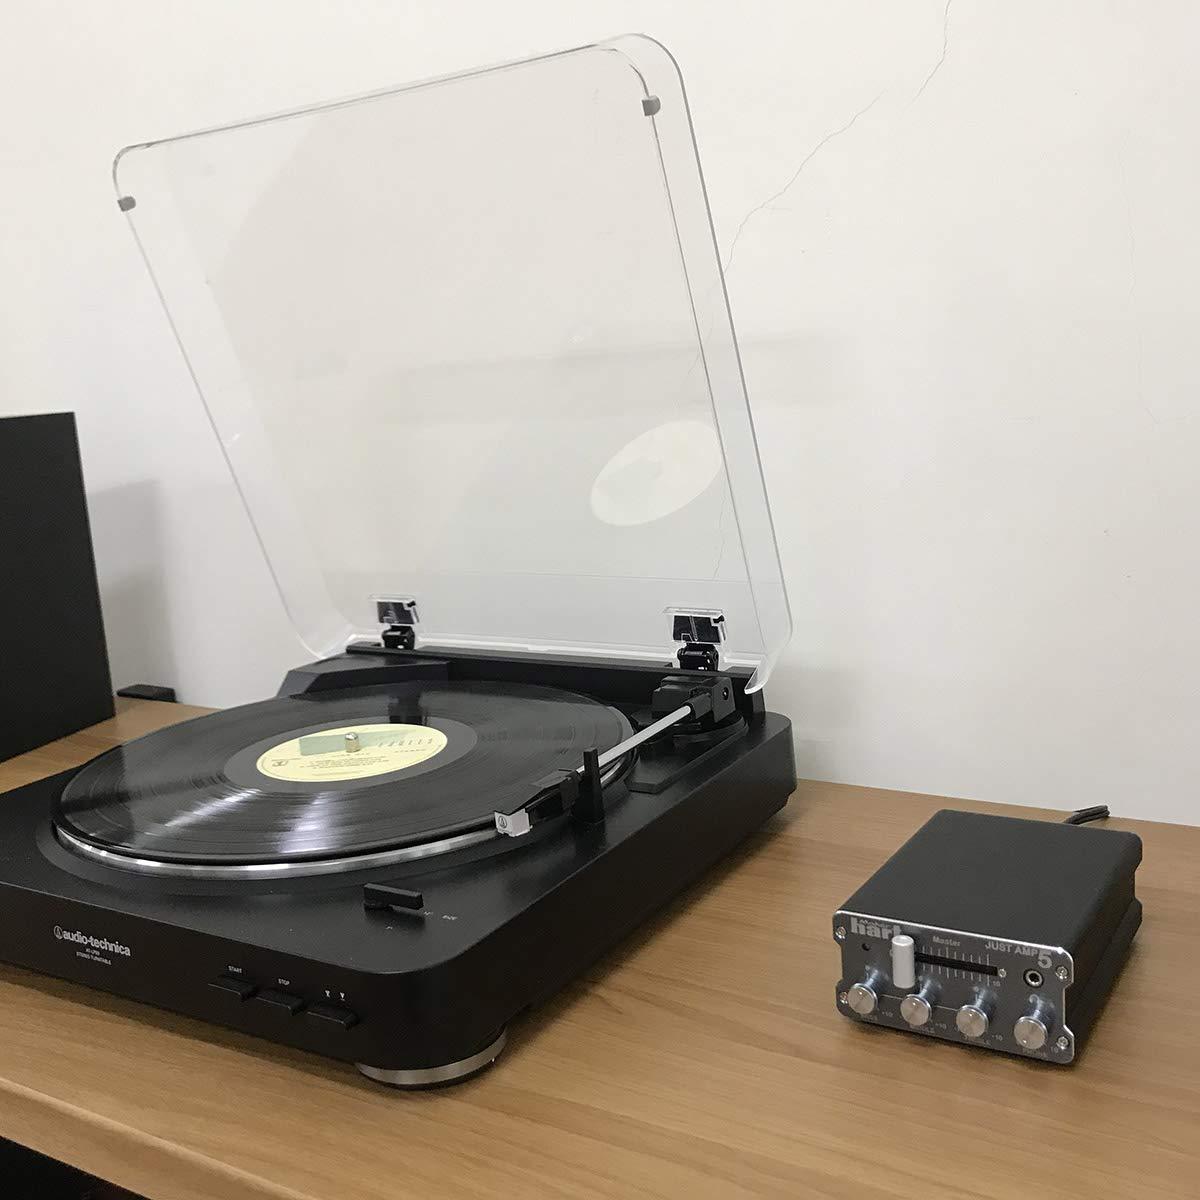 Amazon.com: Maker Hart Just Amp 5 - Amplificador compacto ...